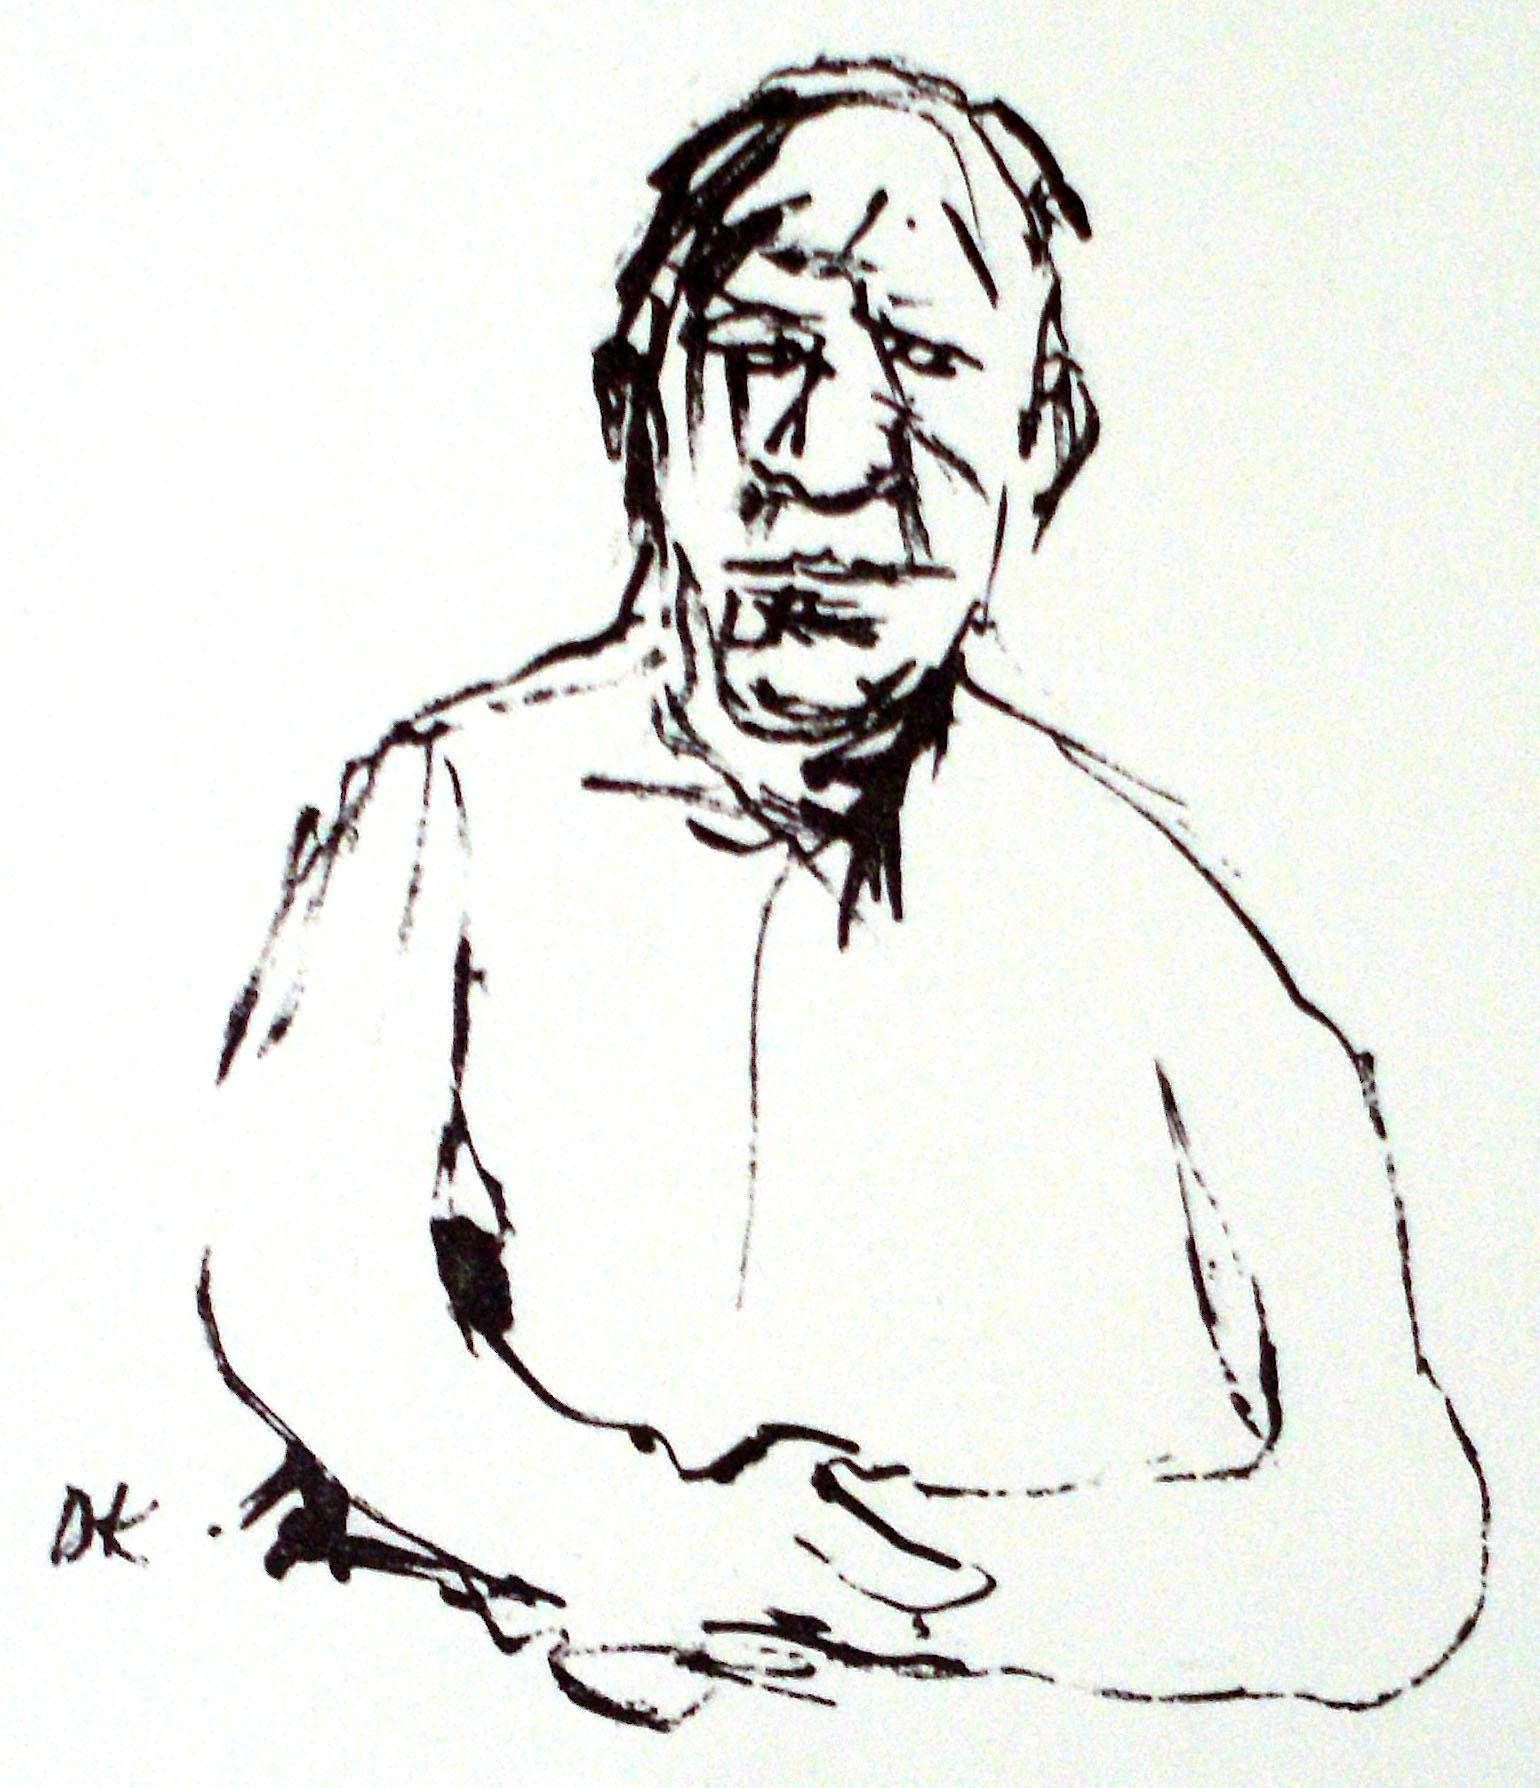 Oskar Kokoschka - Selbstbildnis